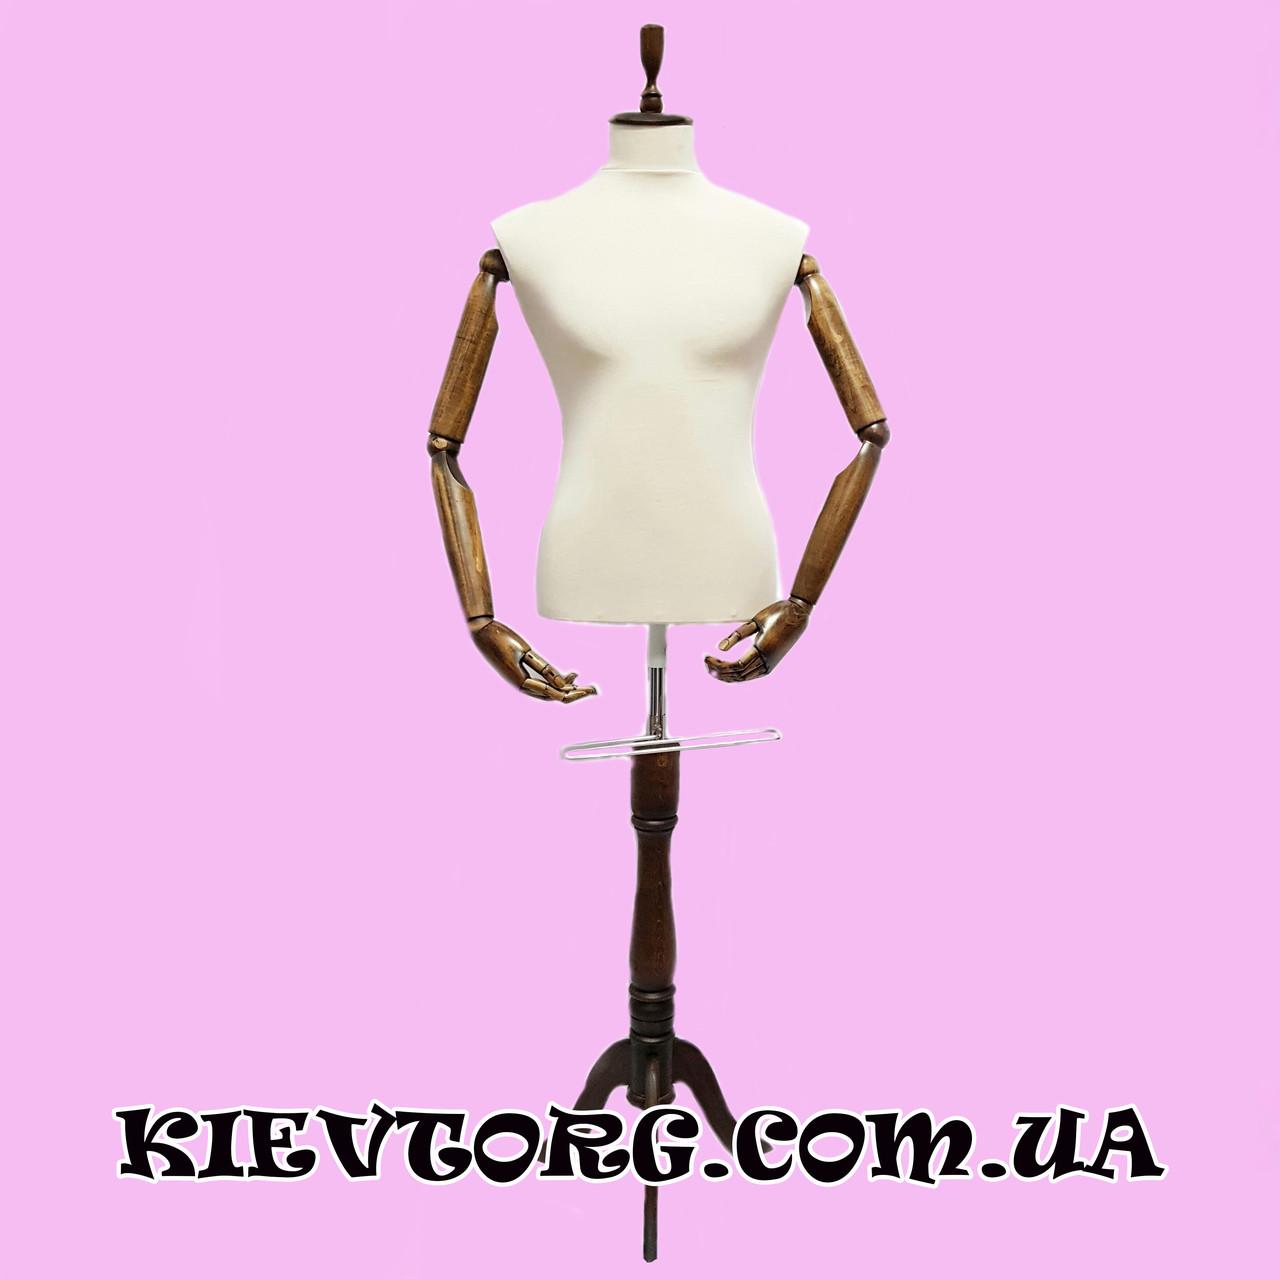 Манекен мужской для магазина одежды с деревянными руками на шарнирах и тканевым торсом (+ Видео)